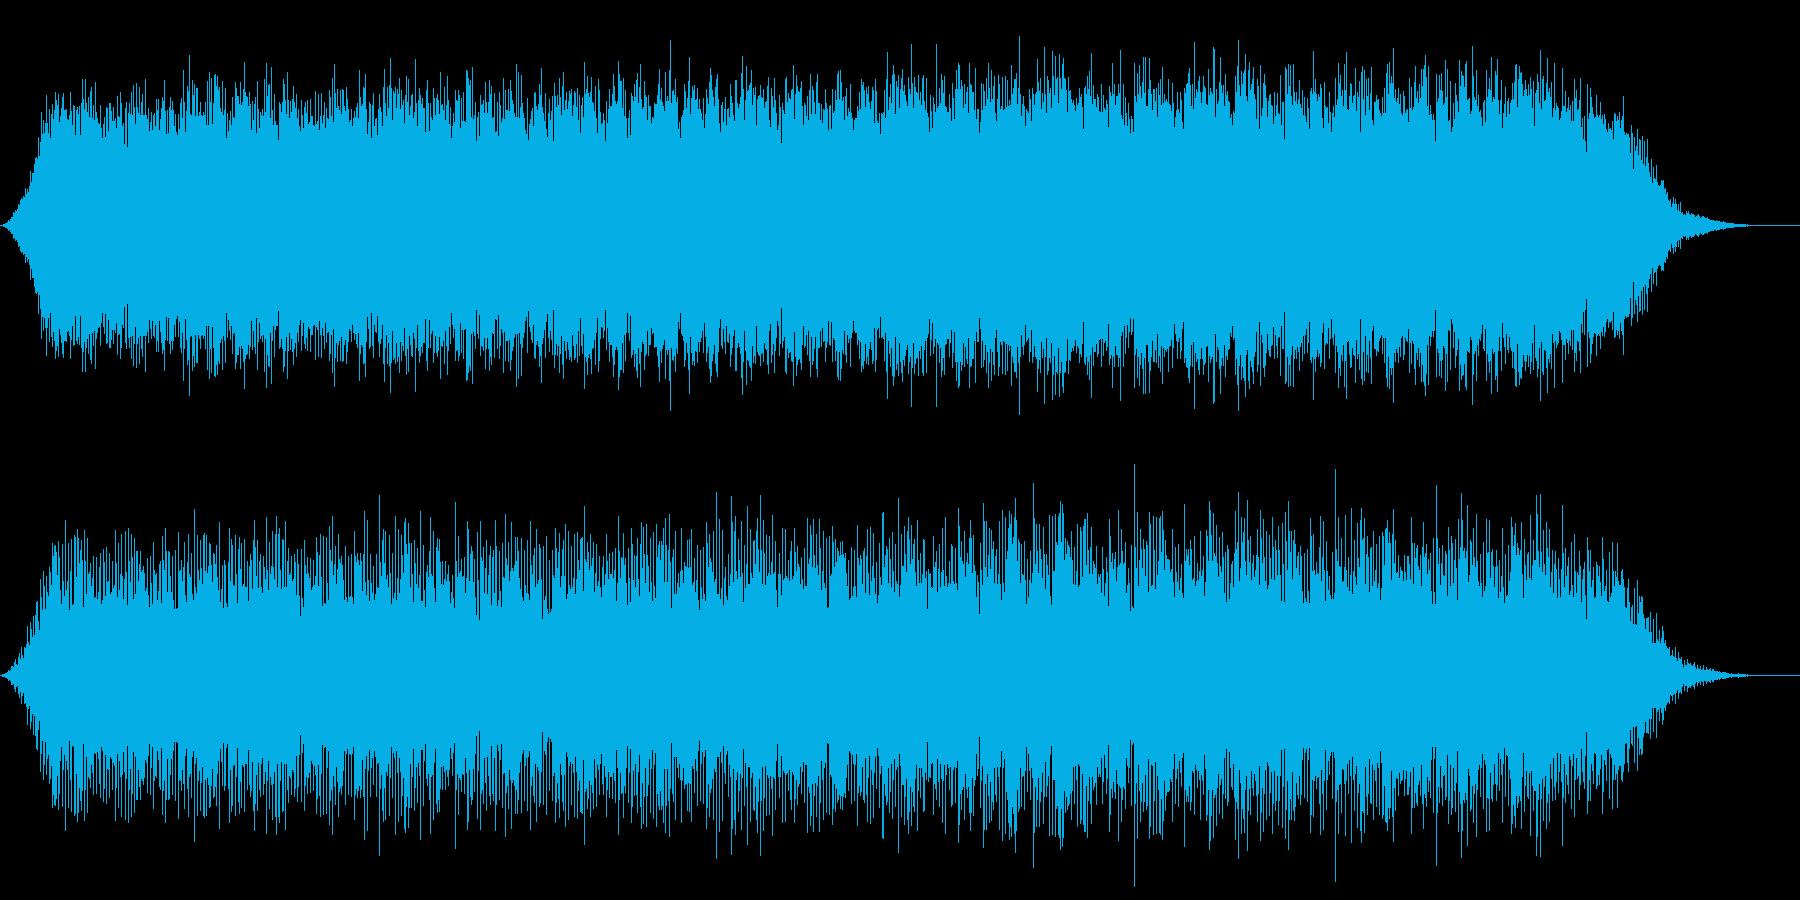 雨の時間をイメージの再生済みの波形